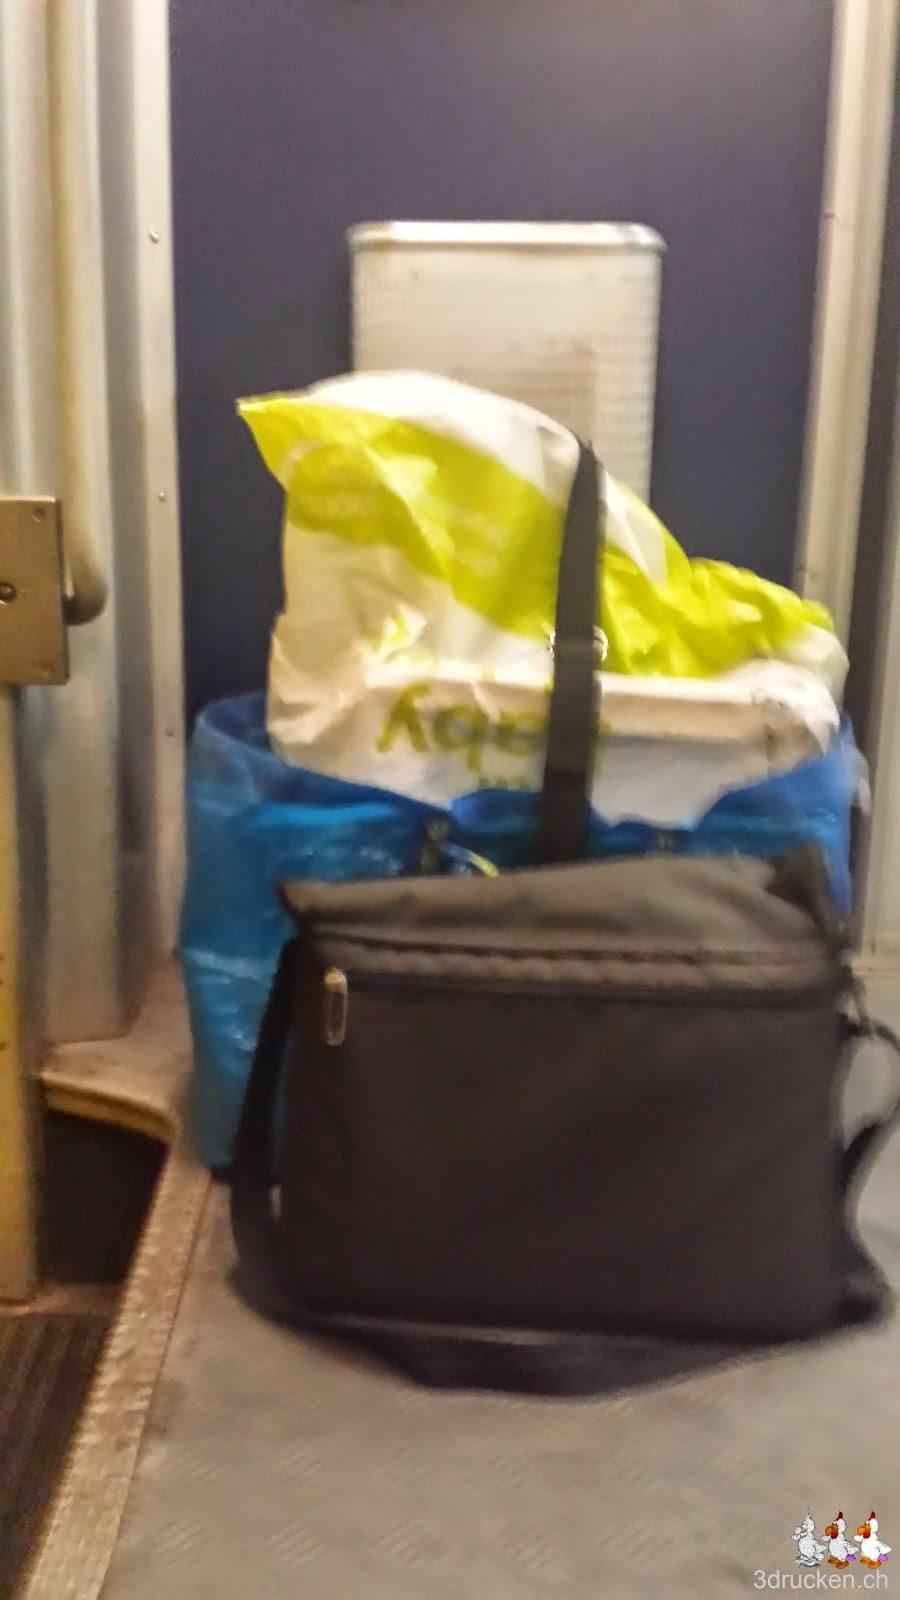 Foto unseres Reisegepäcks am Boden des SBB Wagens